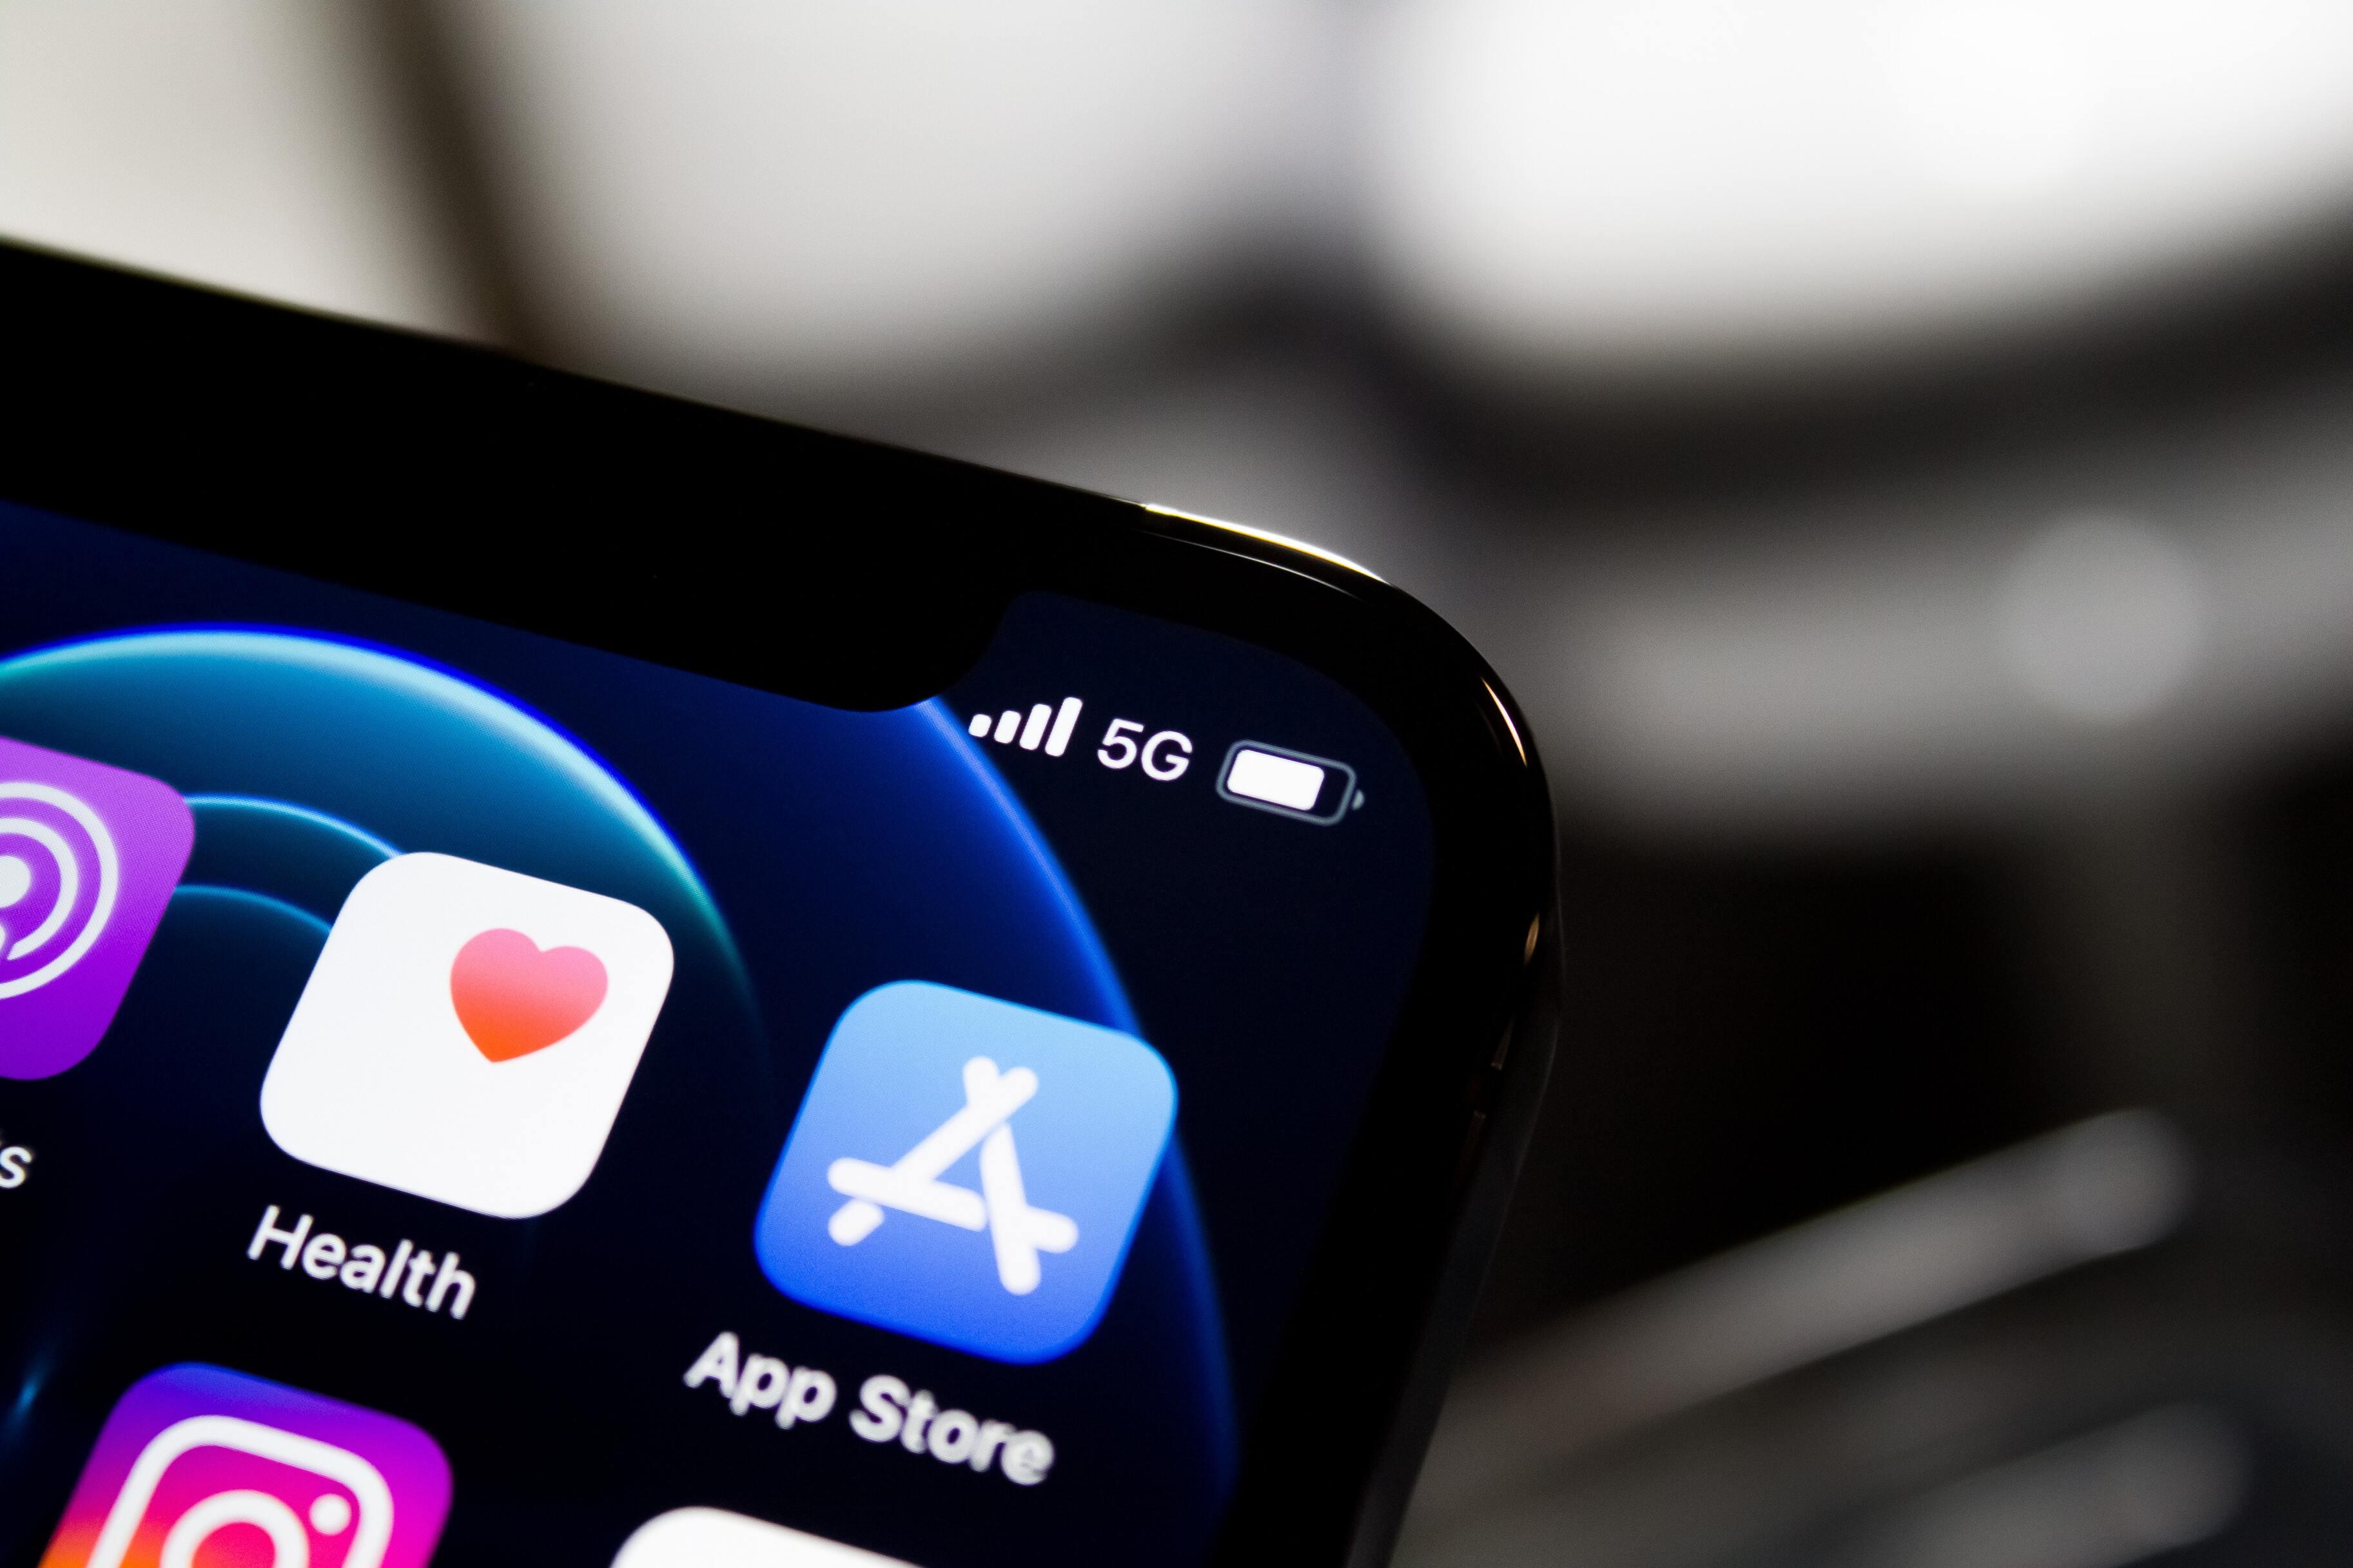 Уязвимости в 5G могут использоваться для атак на смартфоны пользователей